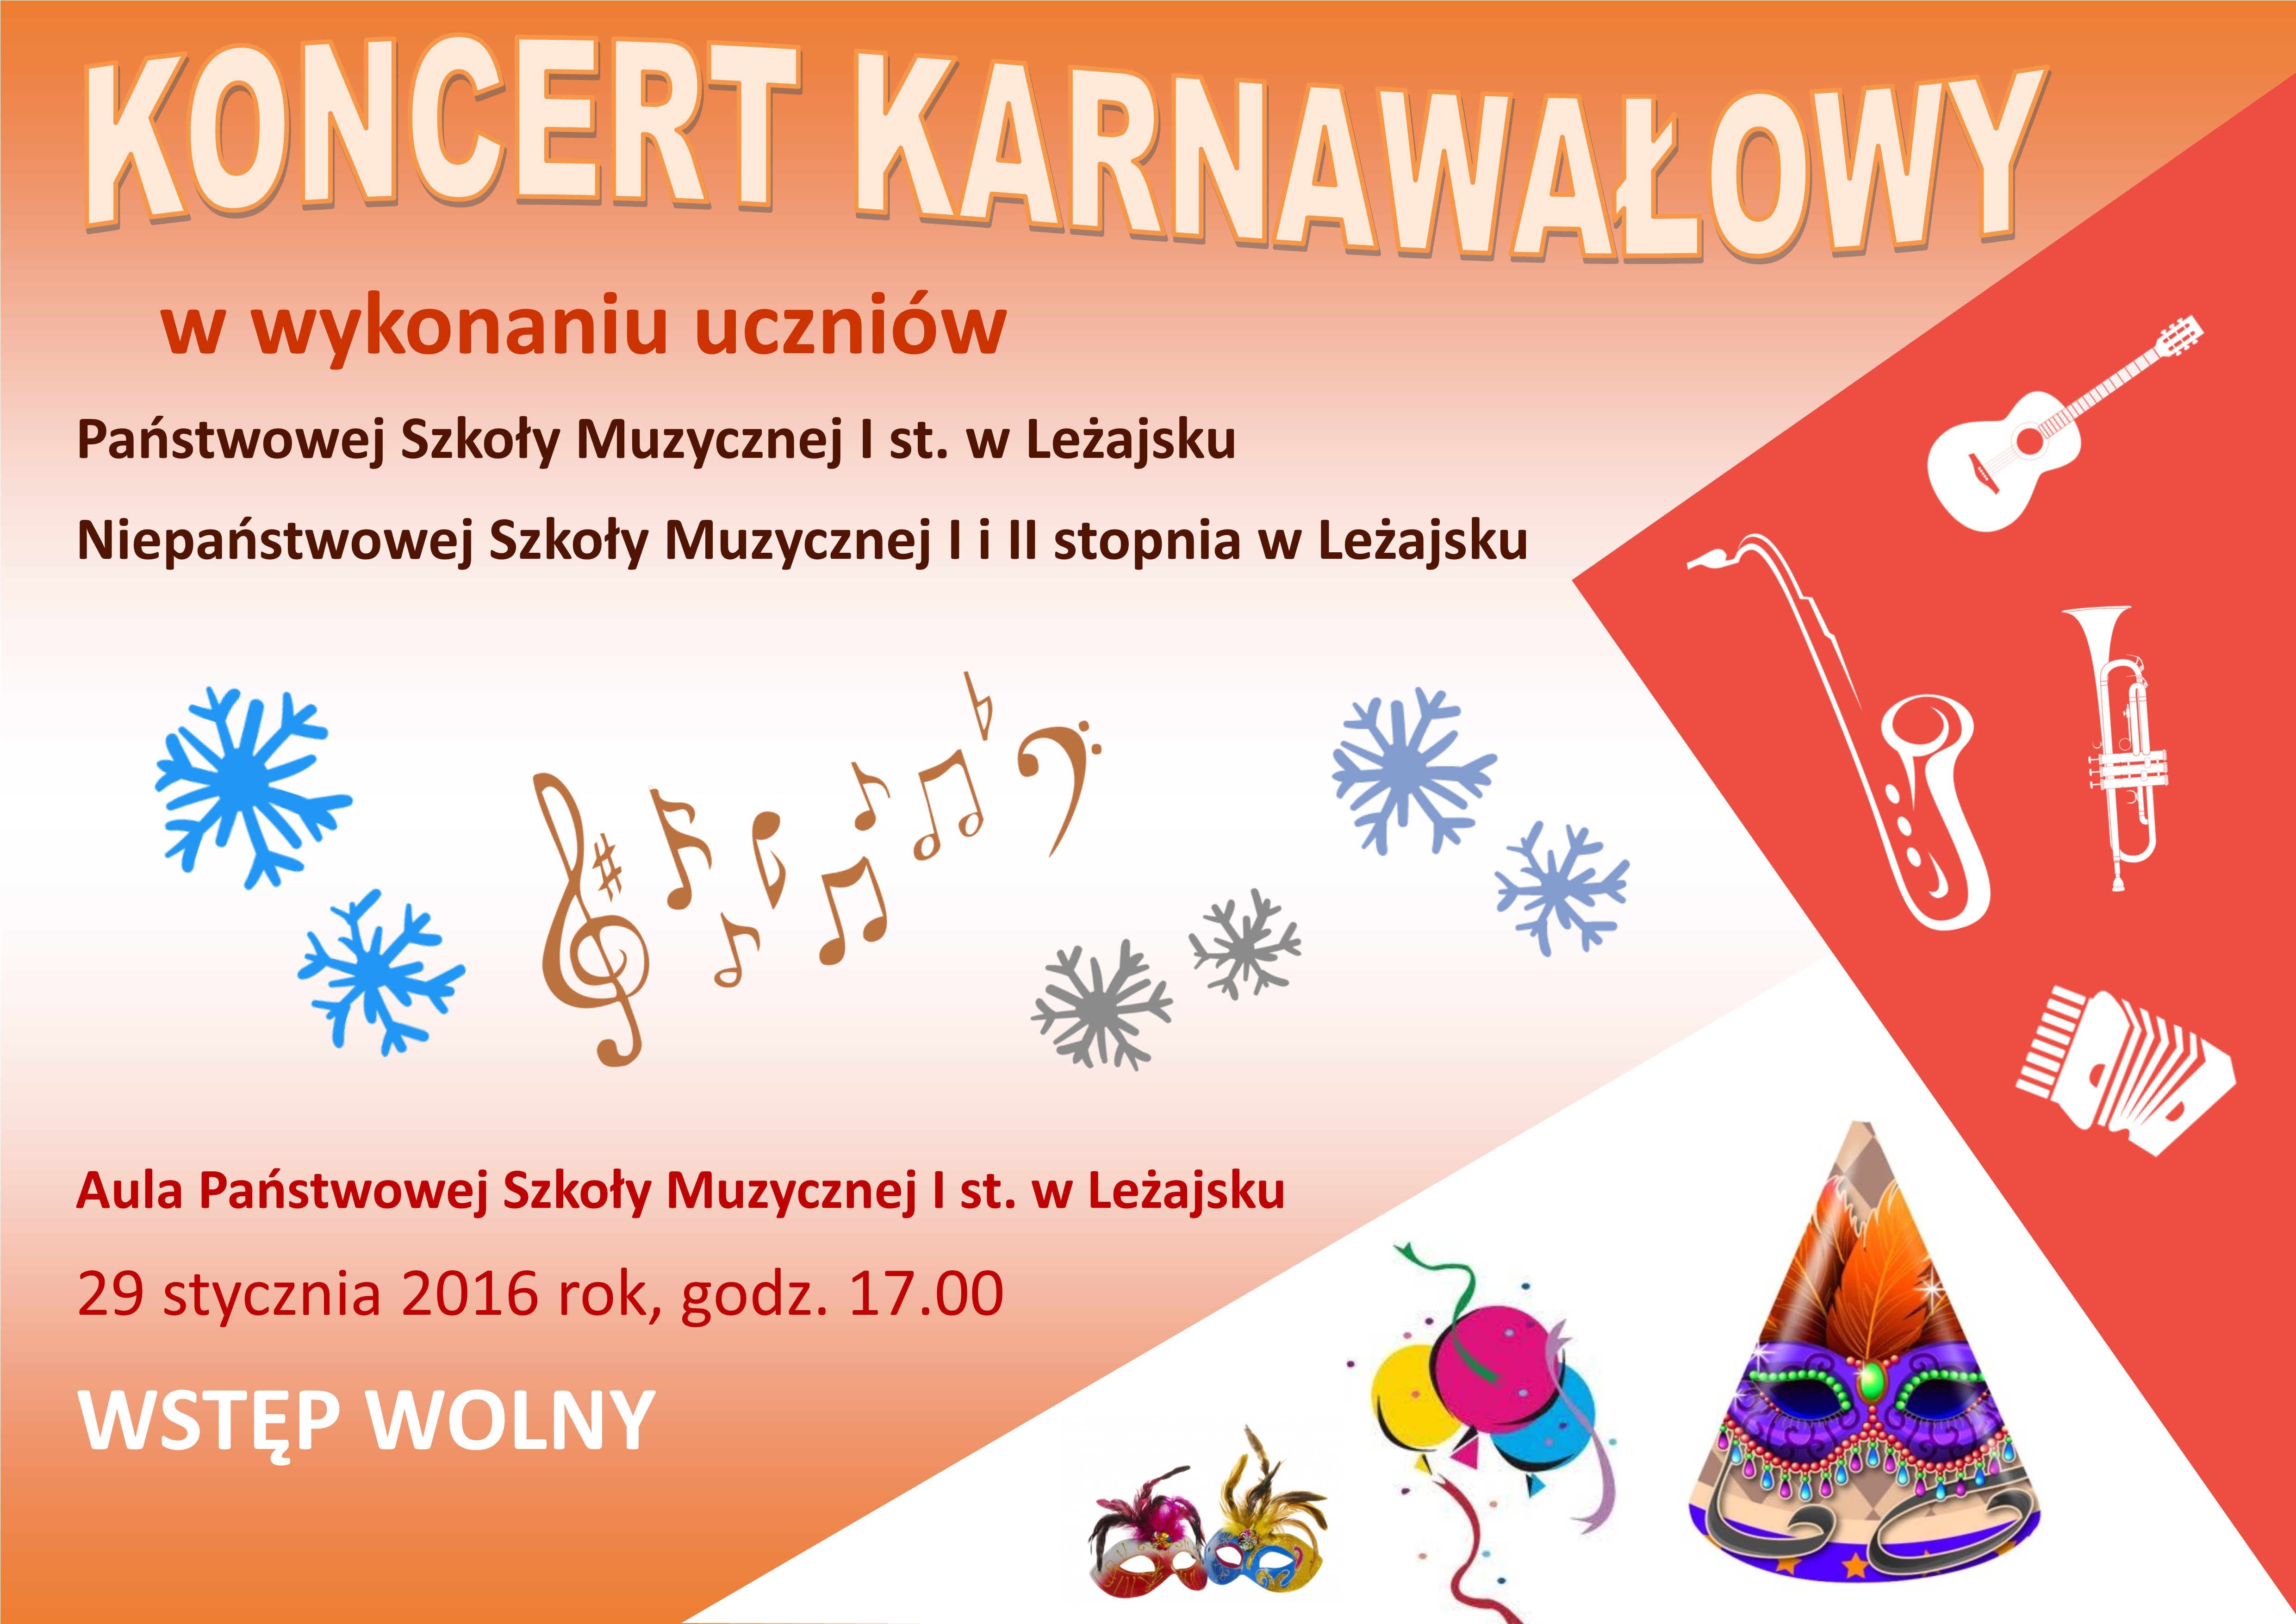 2016-01-29 Koncert Karnawałowy